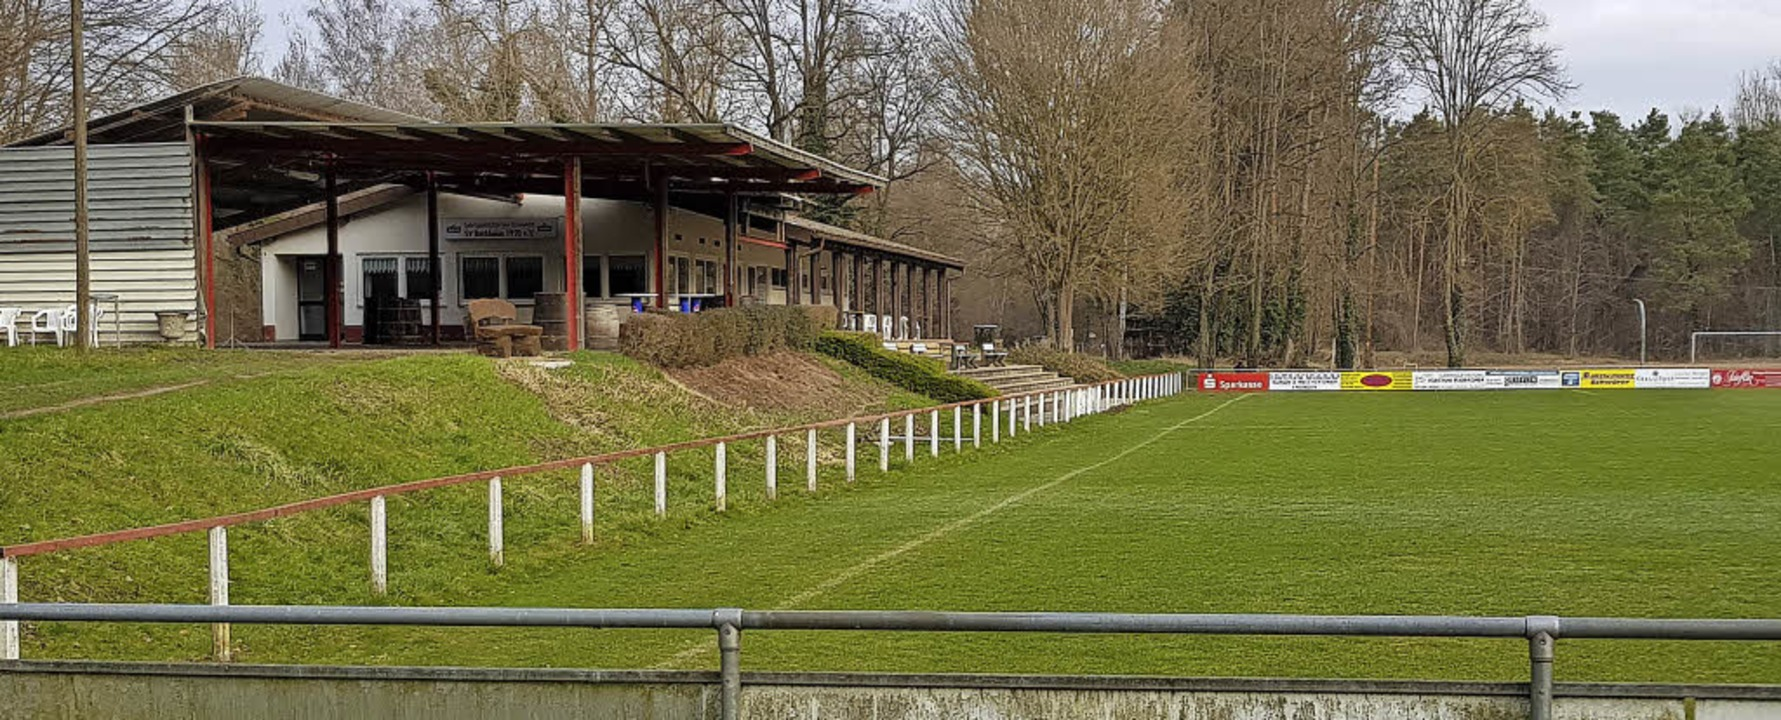 Die Sportanlagen des SV Burkheim liege...e vom Land  vorgesehen gebaut werden.   | Foto: Julius Steckmeister